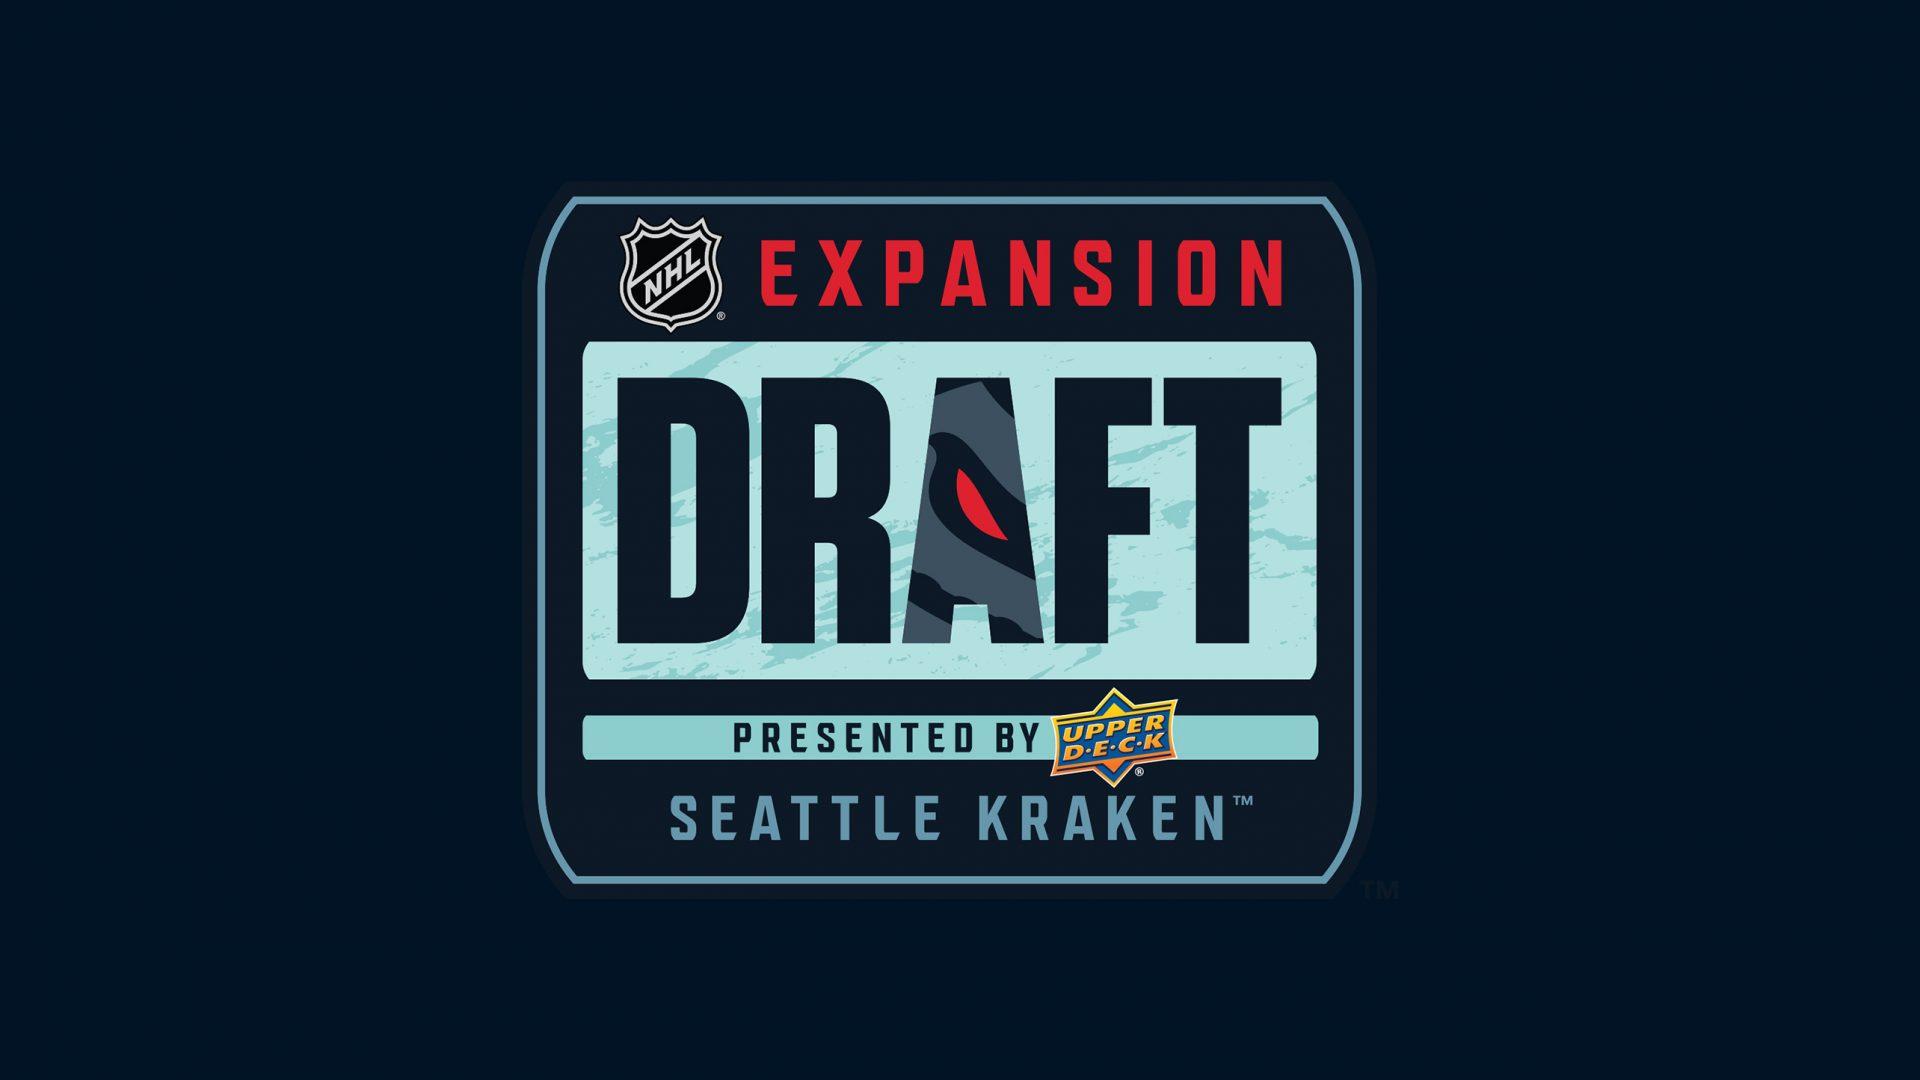 seattle kraken expansion draft the win column